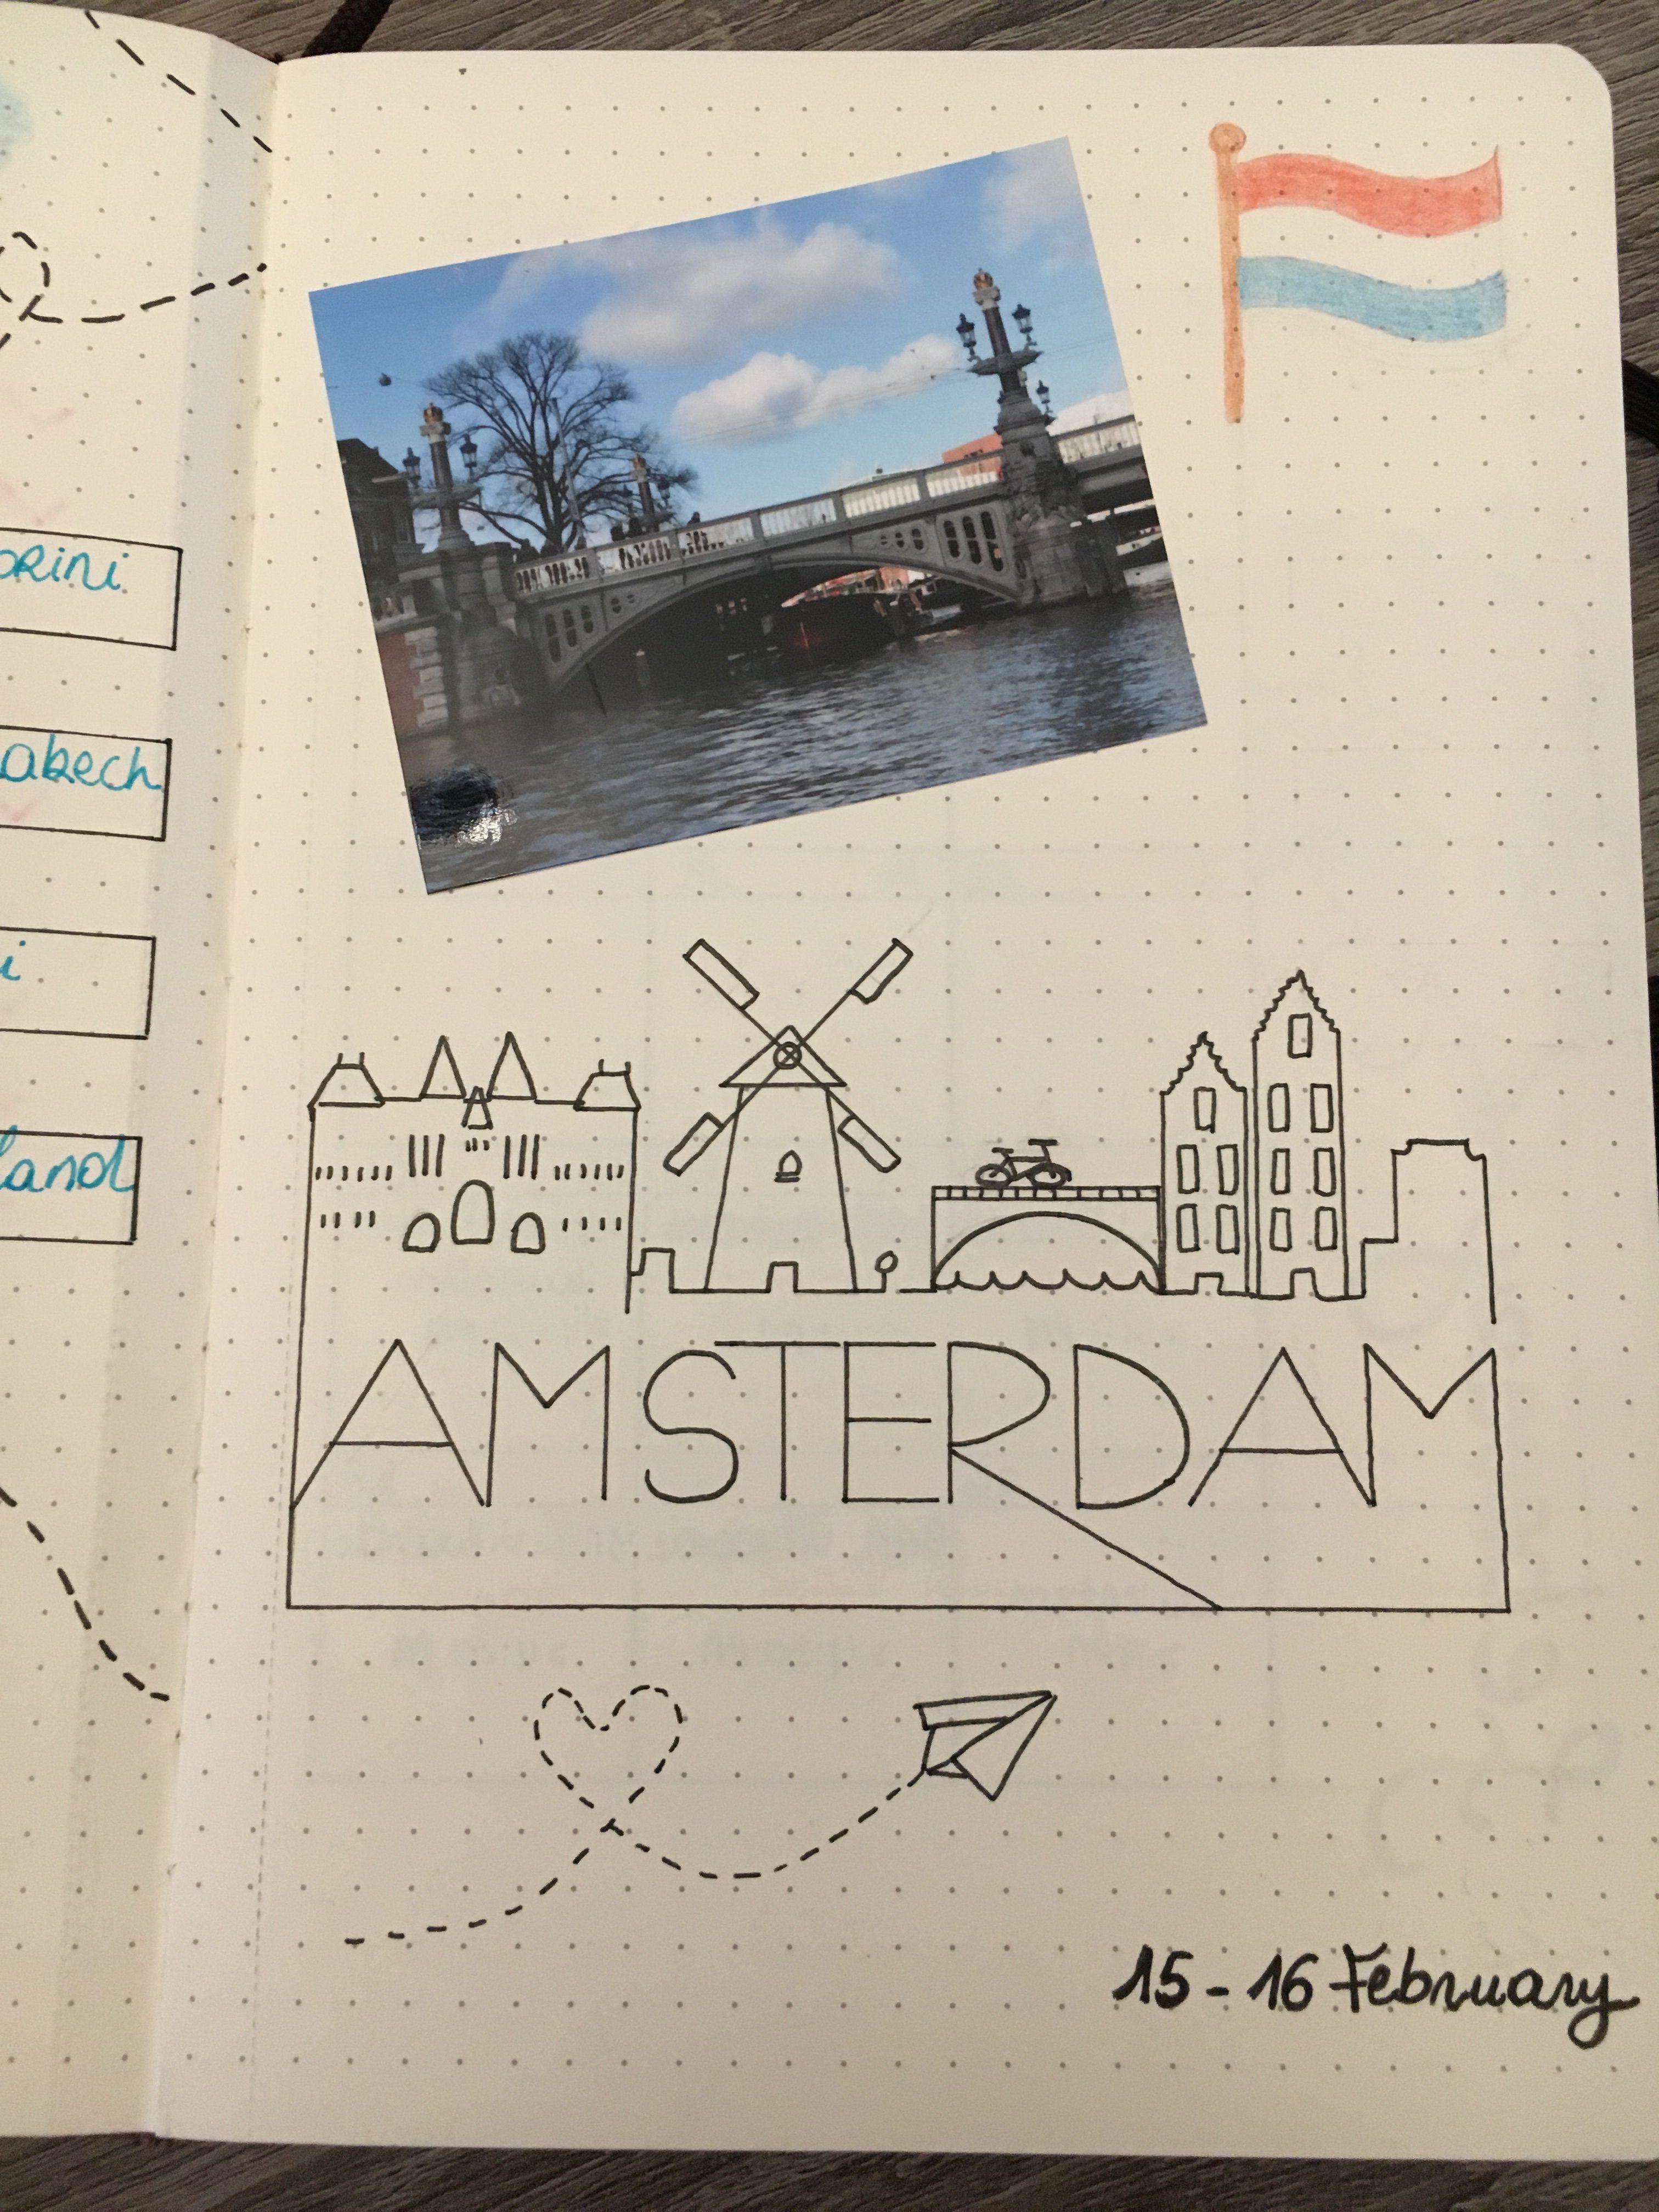 Trip To Amsterdam Bullet Journal Bulletjournal Amsterdam Trip Travel Amsterdam Reise Reisealbum Reise Tattoo